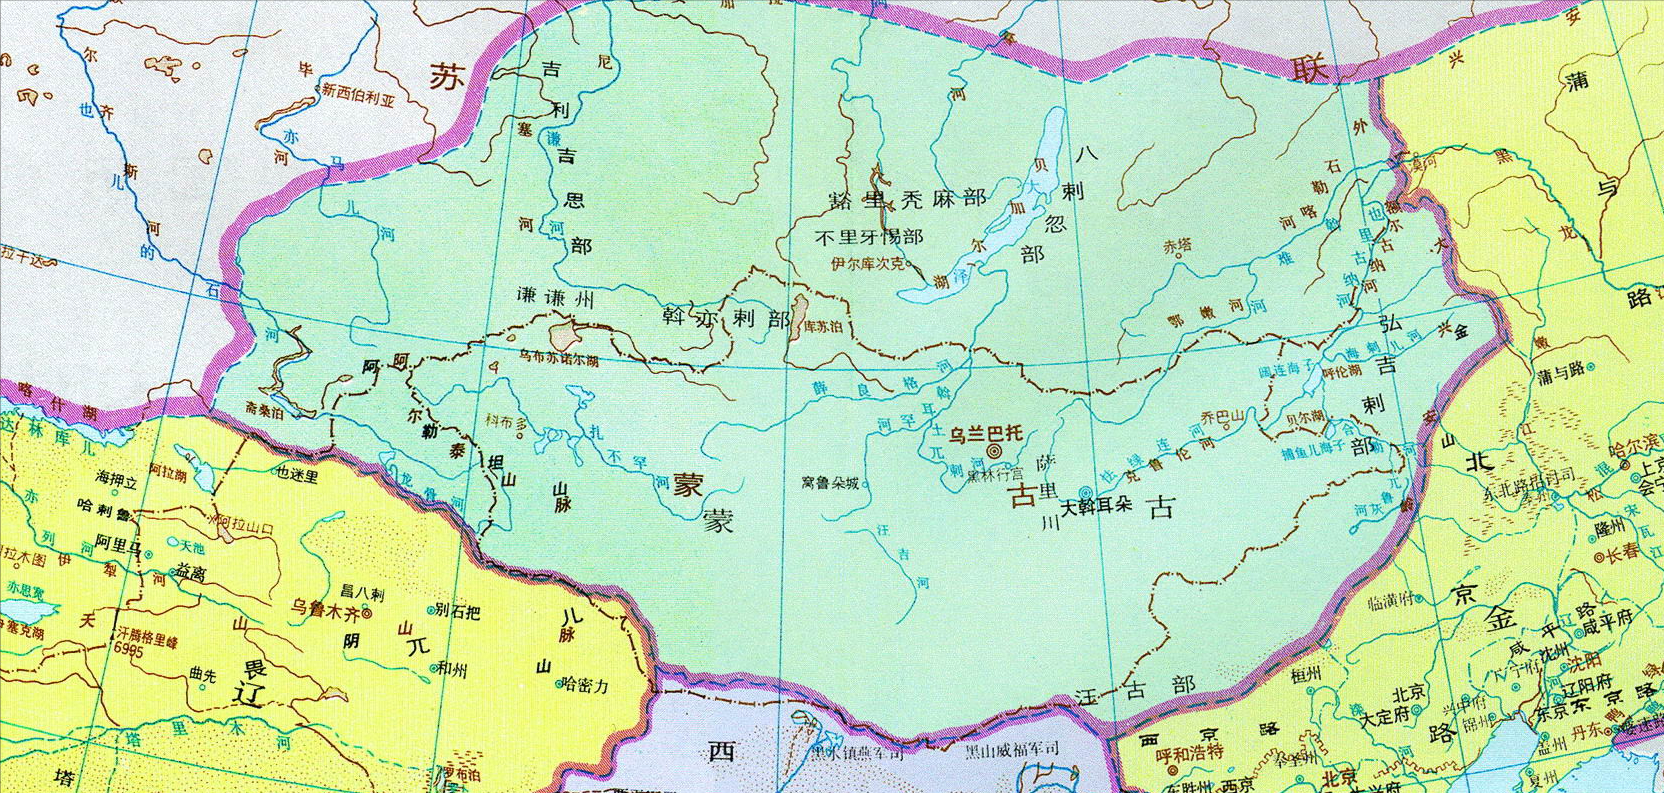 成吉思汗到底是不是中国人?